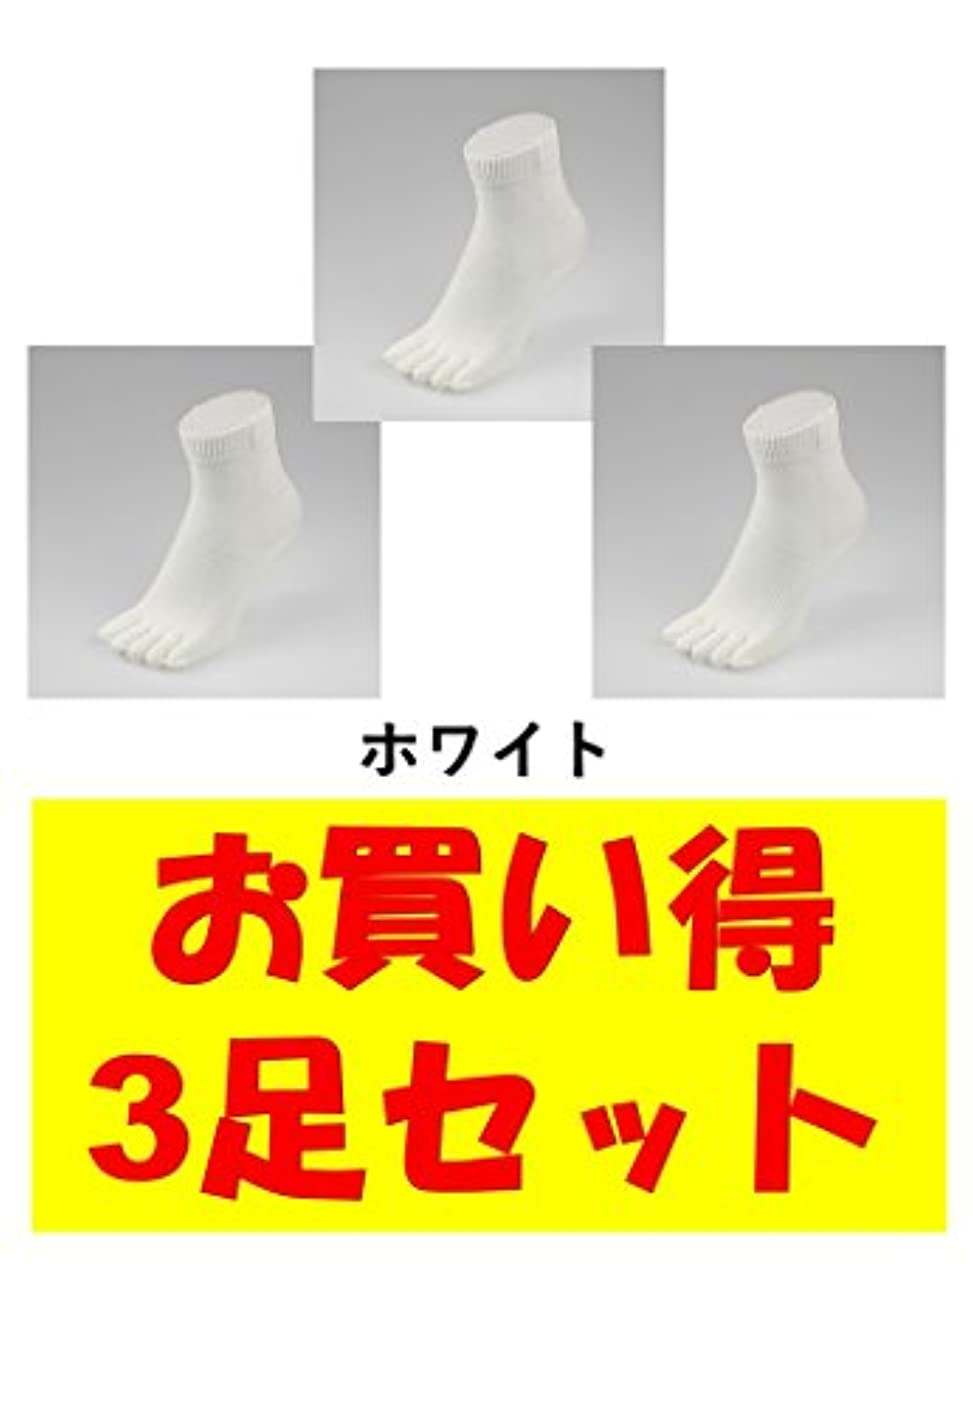 とてもぬれたタイルお買い得3足セット 5本指 ゆびのばソックス Neo EVE(イヴ) ホワイト Sサイズ(21.0cm - 24.0cm) YSNEVE-WHT